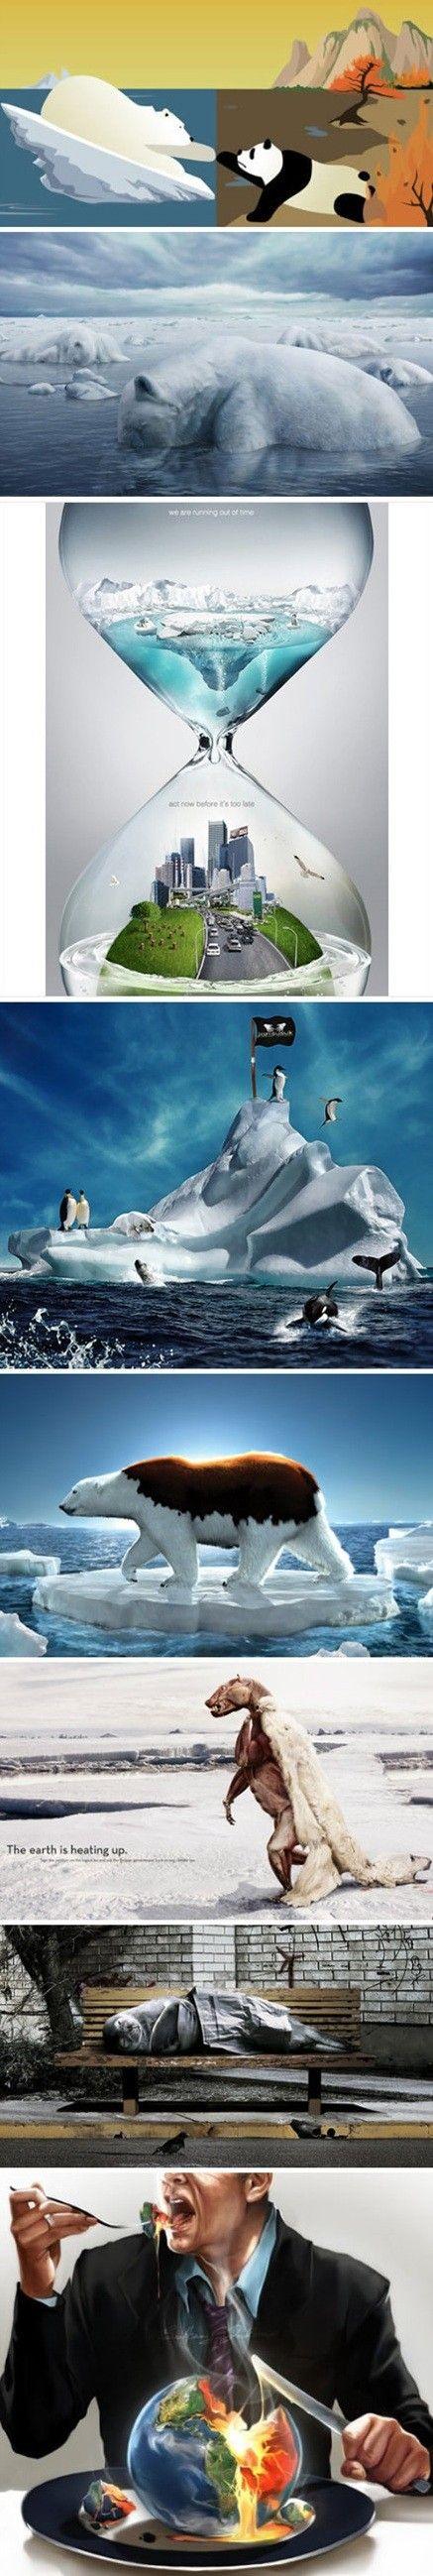 7 anuncios creativos sobre el calentamiento global